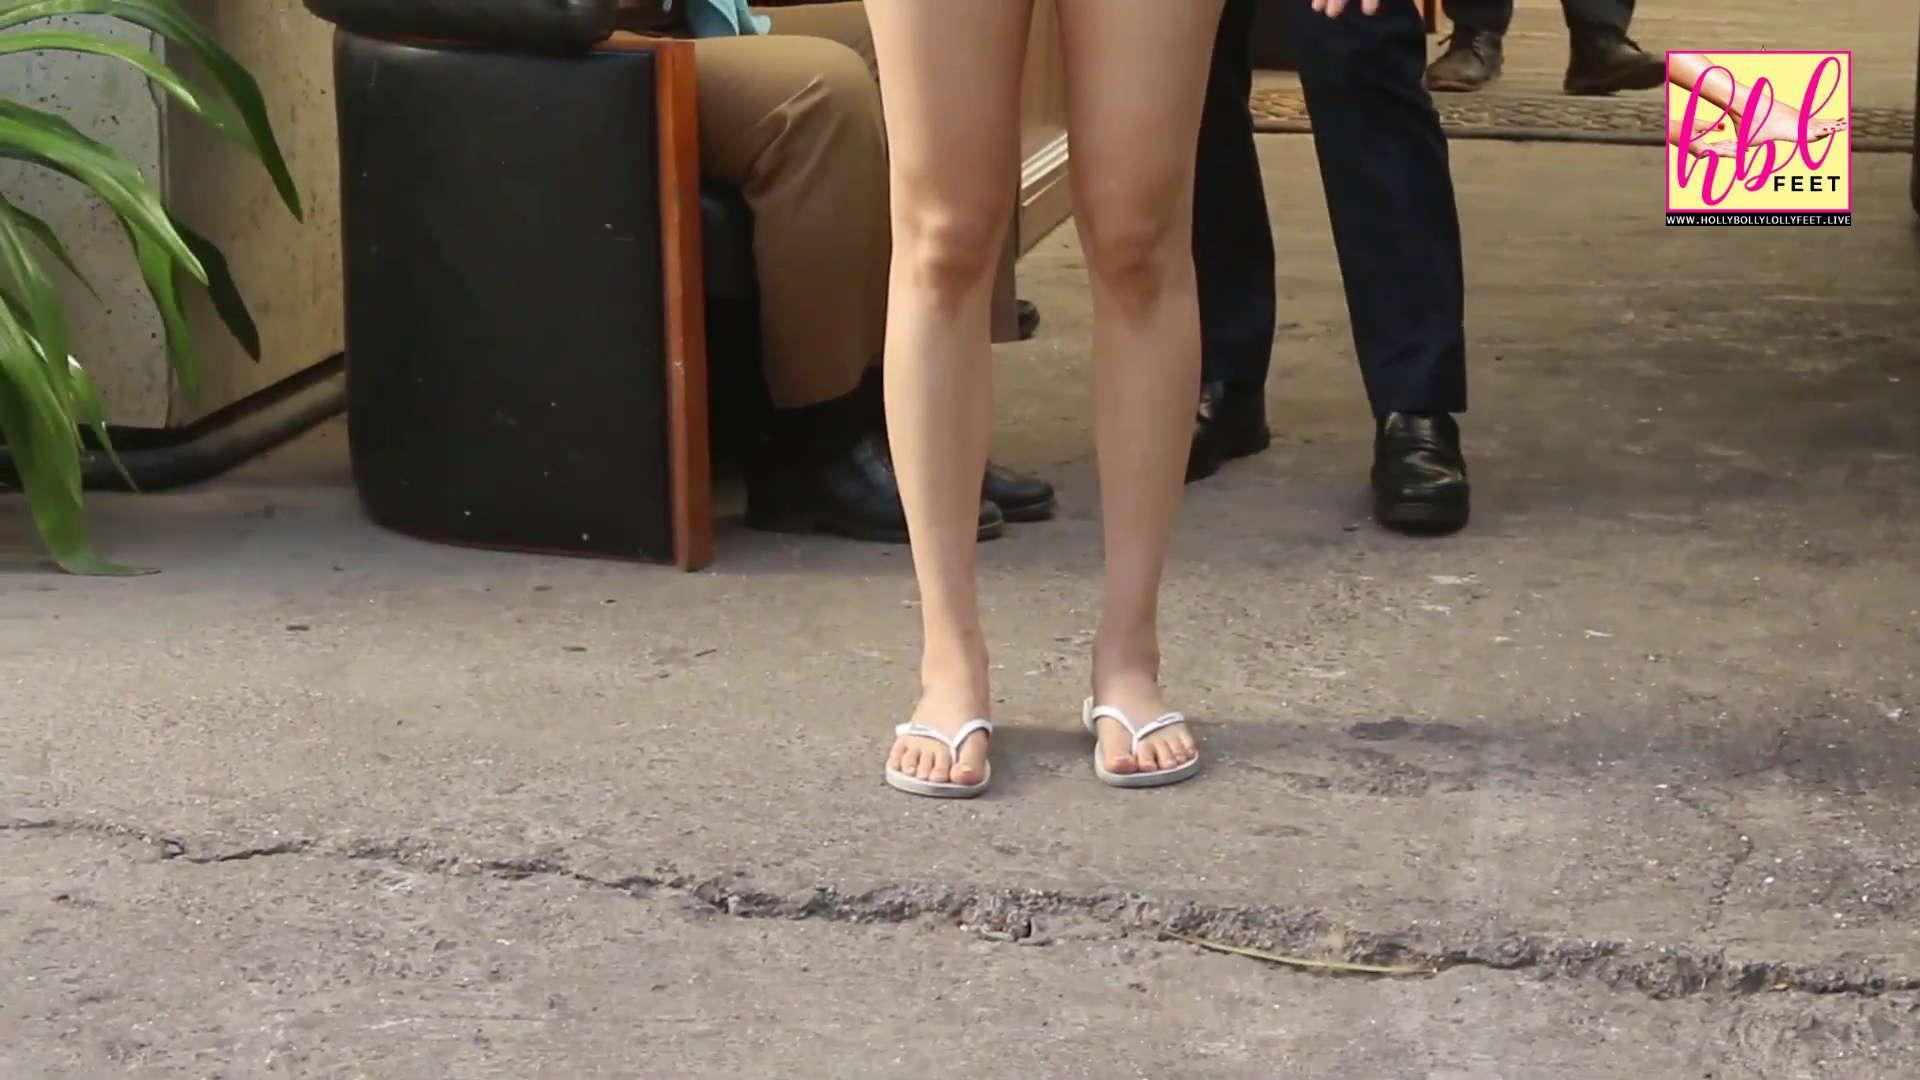 Feet Swati Kapoor 2010 naked (49 pictures) Porno, Twitter, bra